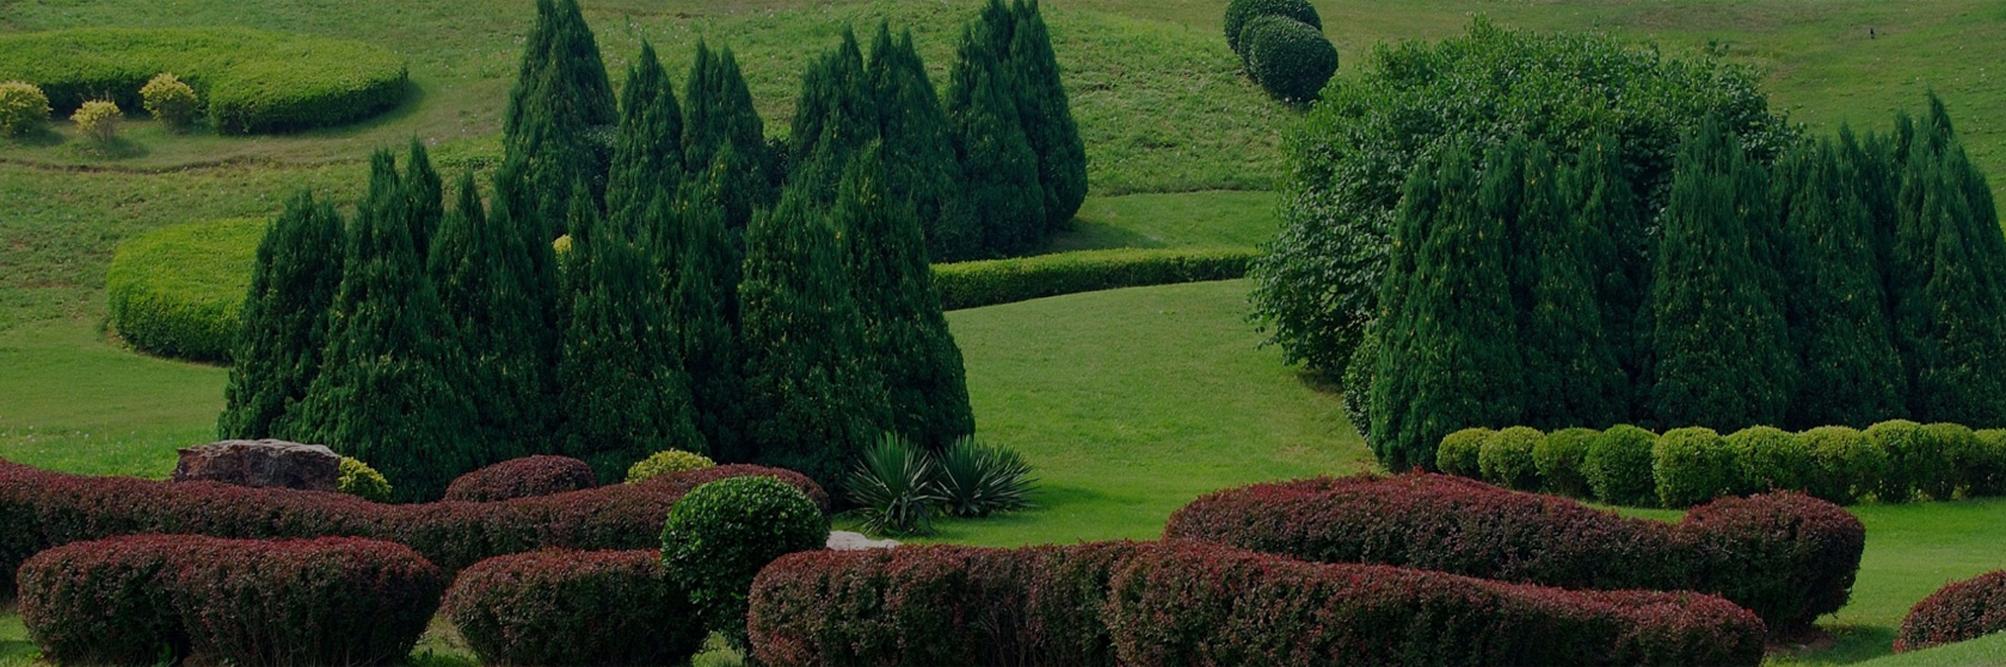 entretien jardin cambrai travaux forestiers saint quentin abattage arbre arras kaya espaces. Black Bedroom Furniture Sets. Home Design Ideas